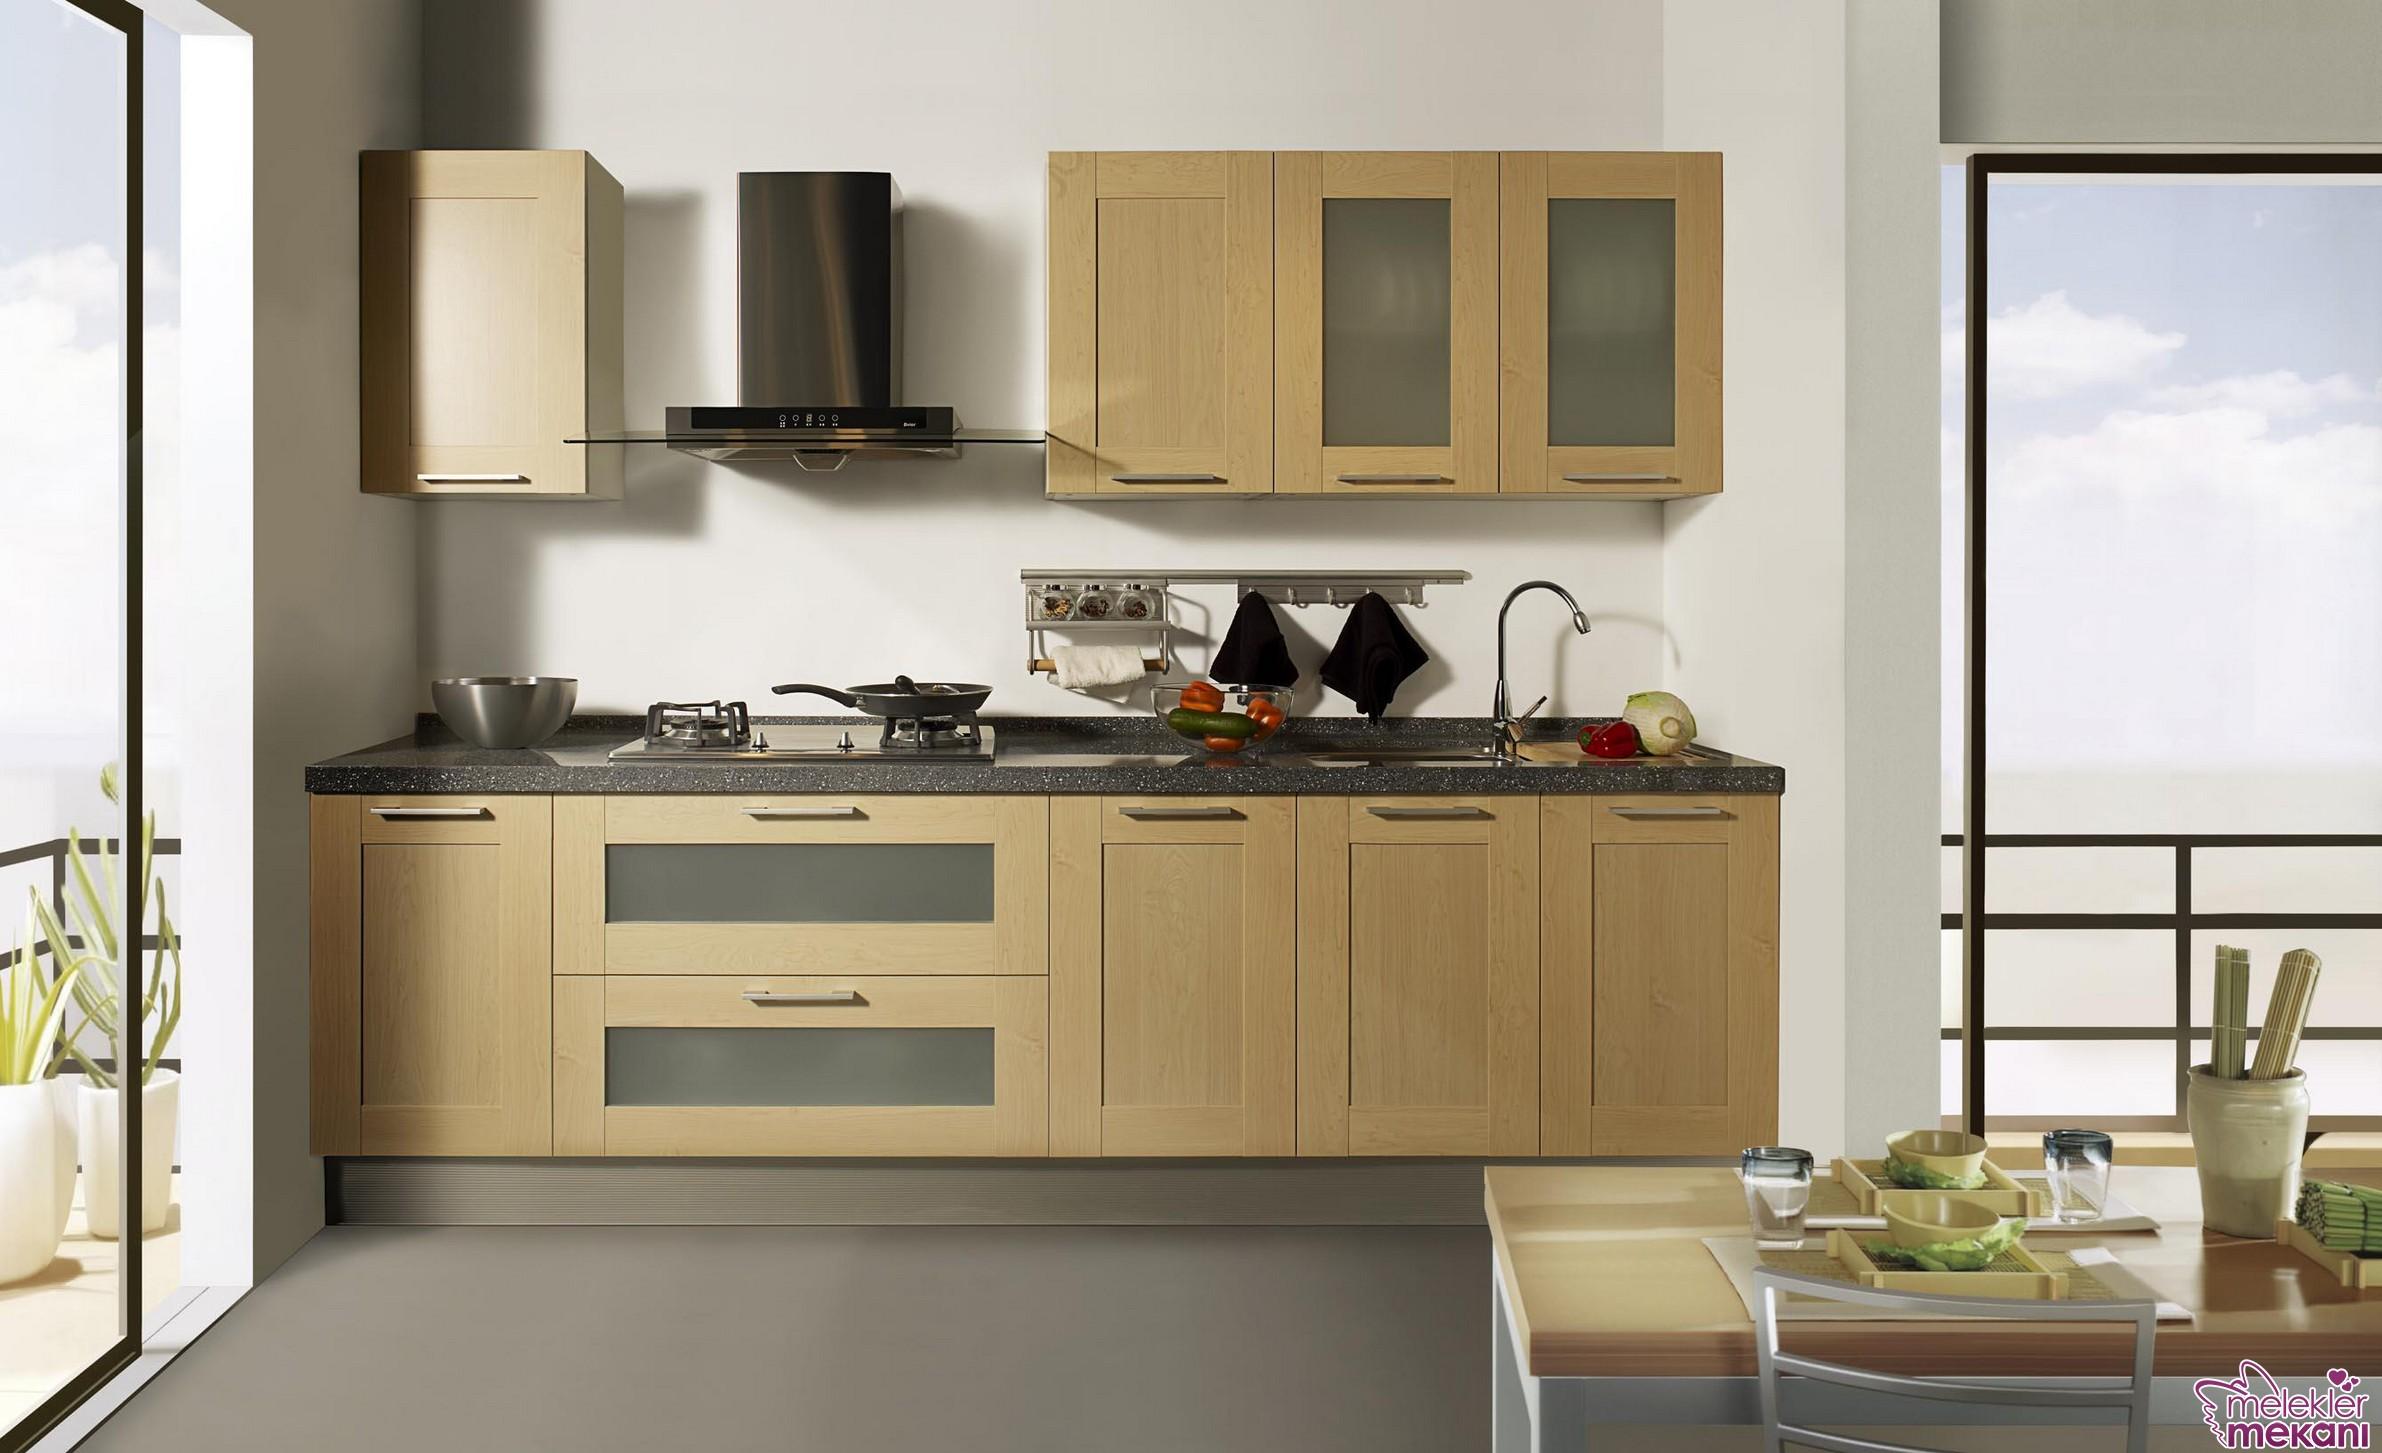 Açık renk ahşap mutfak dolapları tercihi ile özel ortamları mutfağınızda yakalayabilirsiniz.